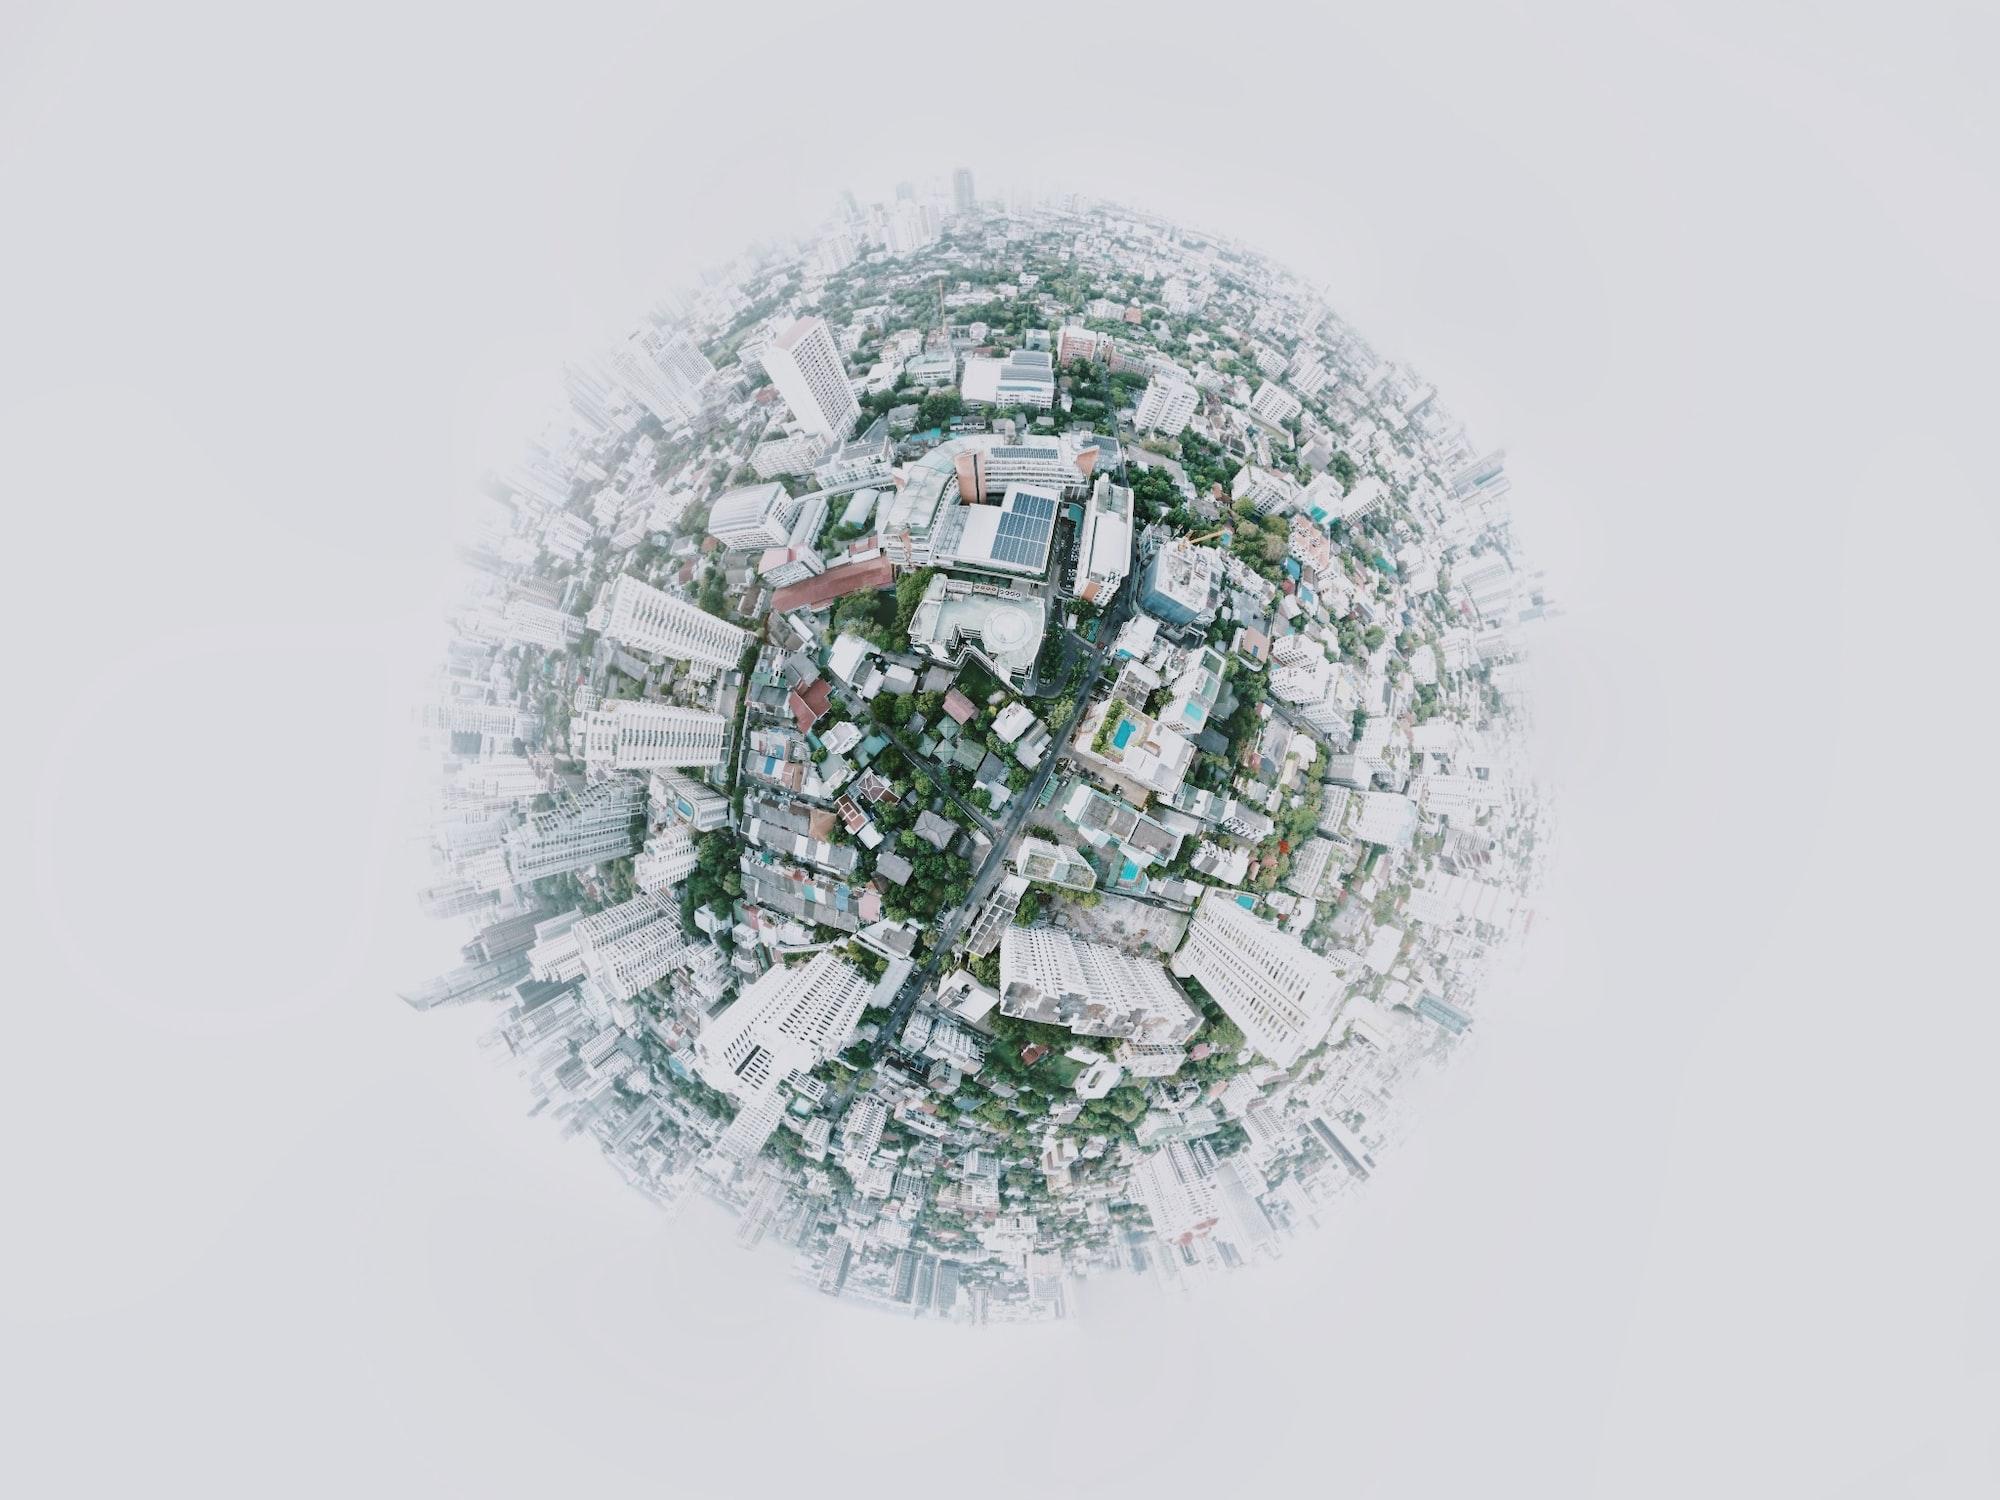 共生思想,重组全球化进程催生伟大智慧——2021年全球共生思想研讨会侧记